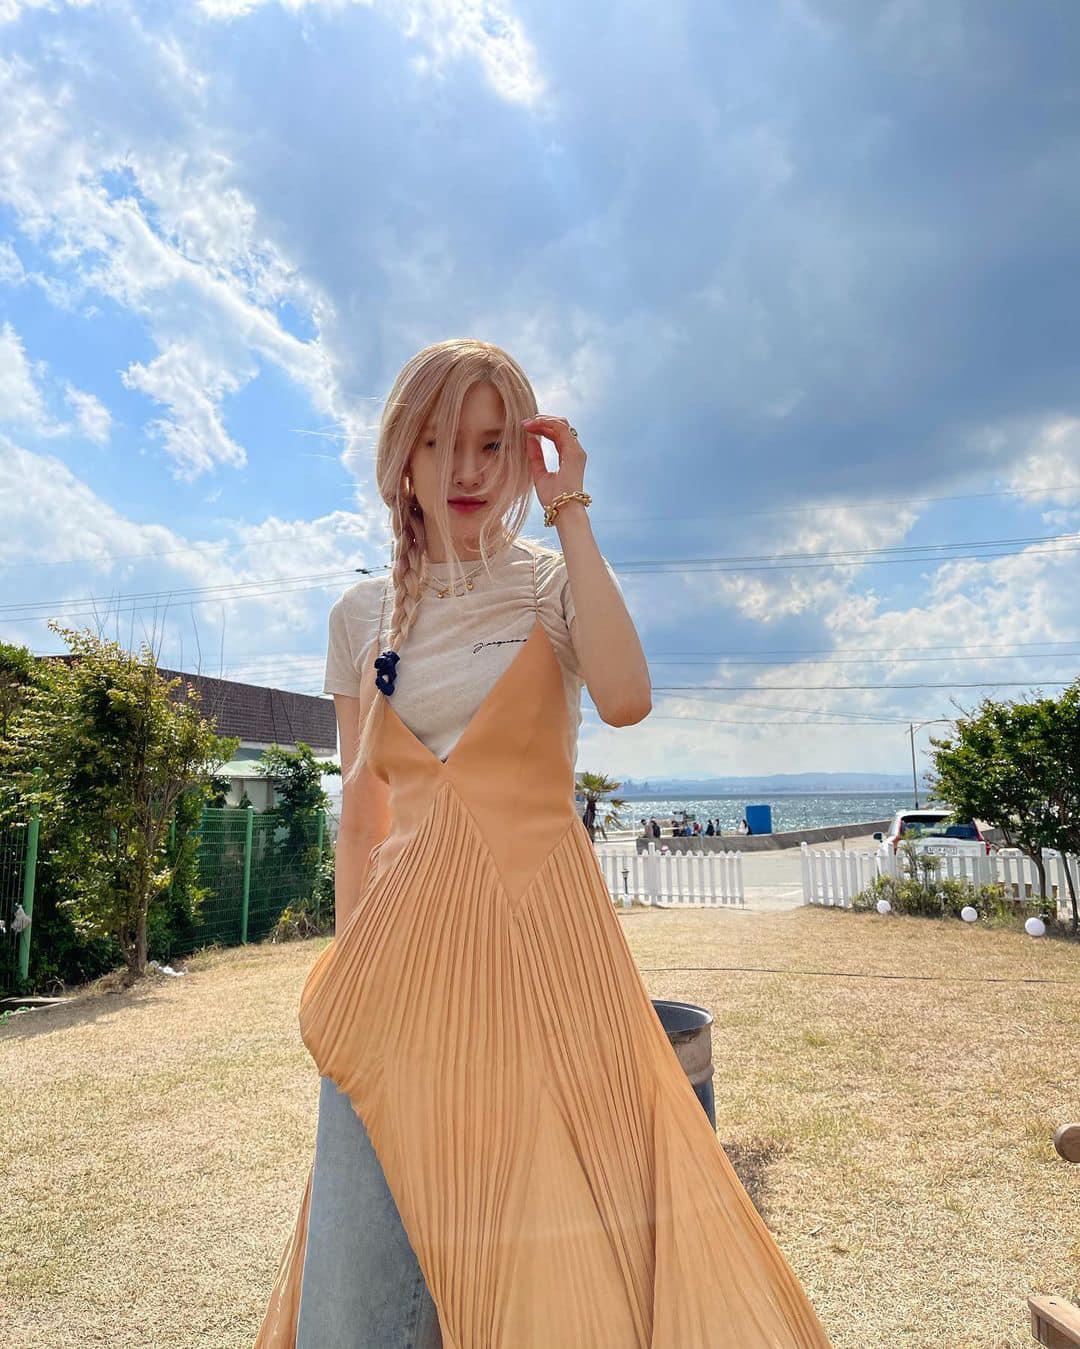 Rosé diện váy maxi dài thượt mà không bị dìm dáng, hóa ra stylist đã chơi chiêu quá khéo 'đánh đố' netizen - Ảnh 7